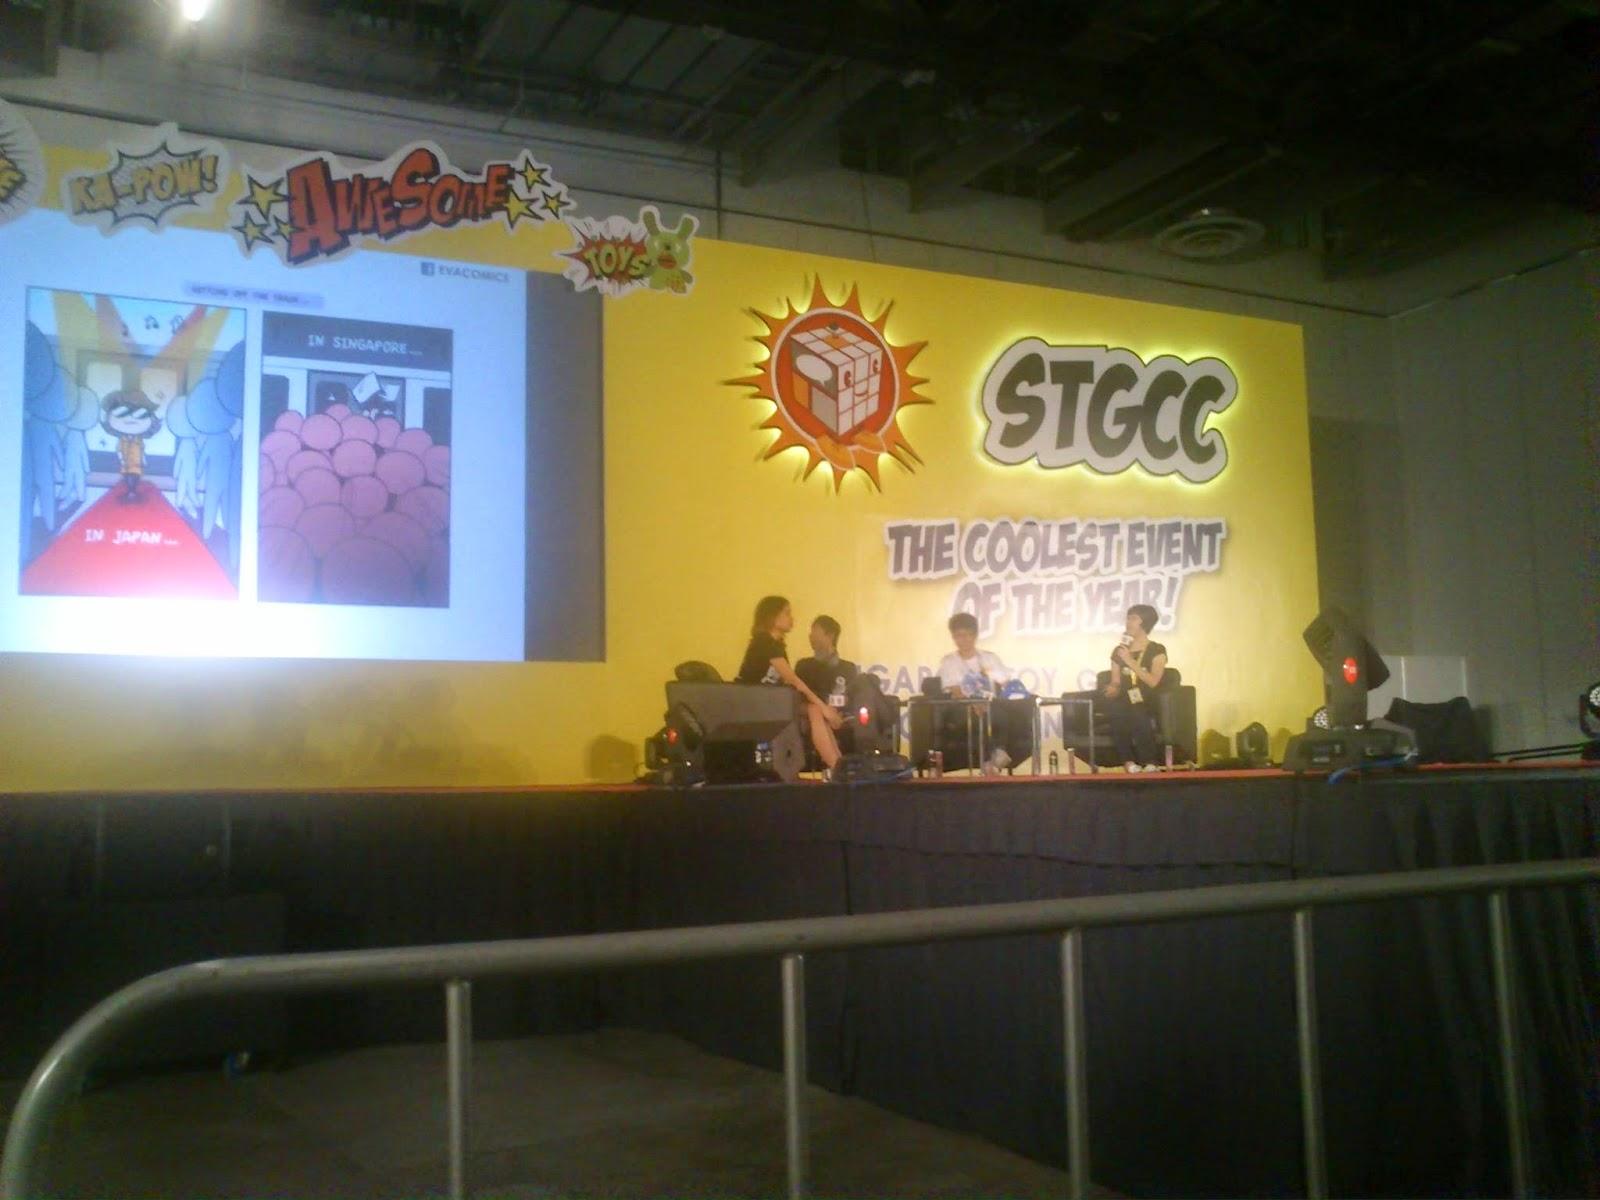 Evacomics at STGCC social media and comics